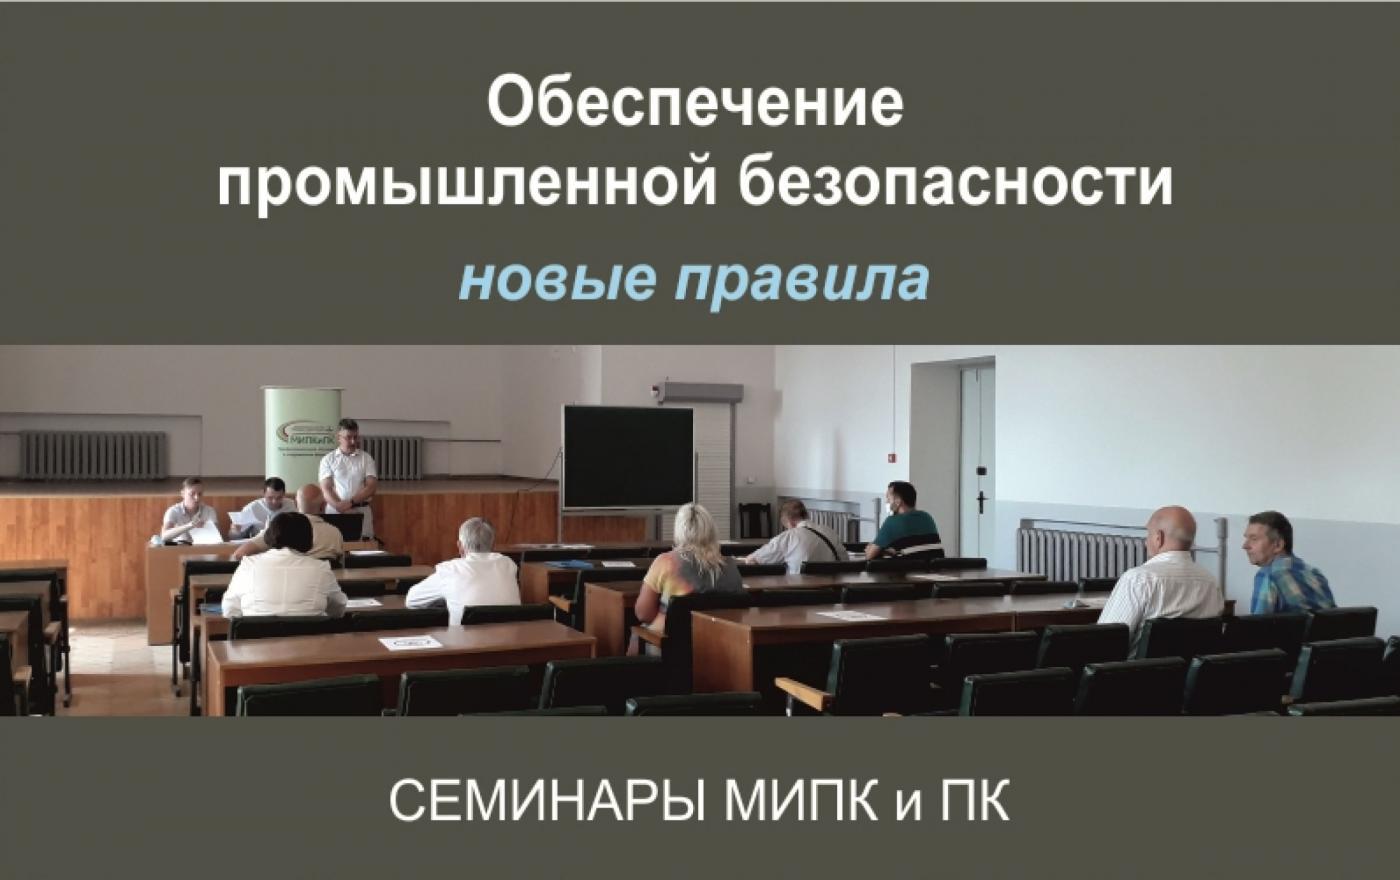 Требования новых правил по обеспечению промышленной безопасности. Тематические семинары МИПК и ПК